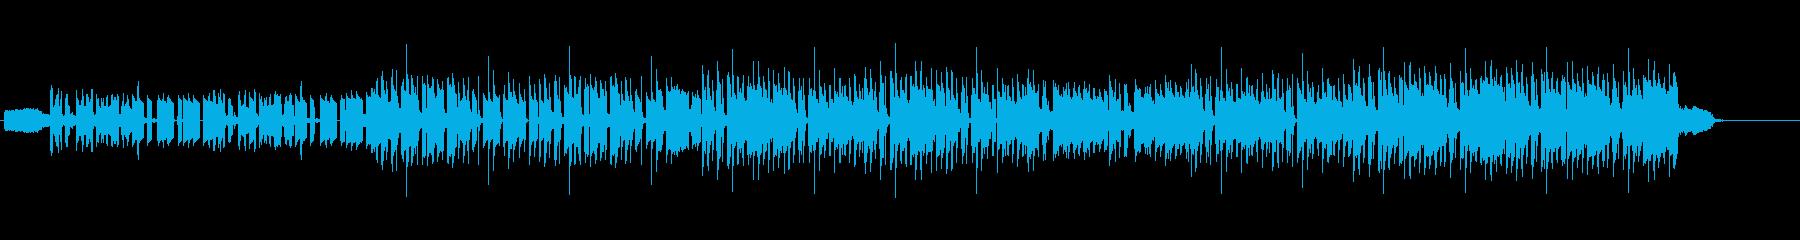 電子楽器。ロボットの機械的電気溝。...の再生済みの波形